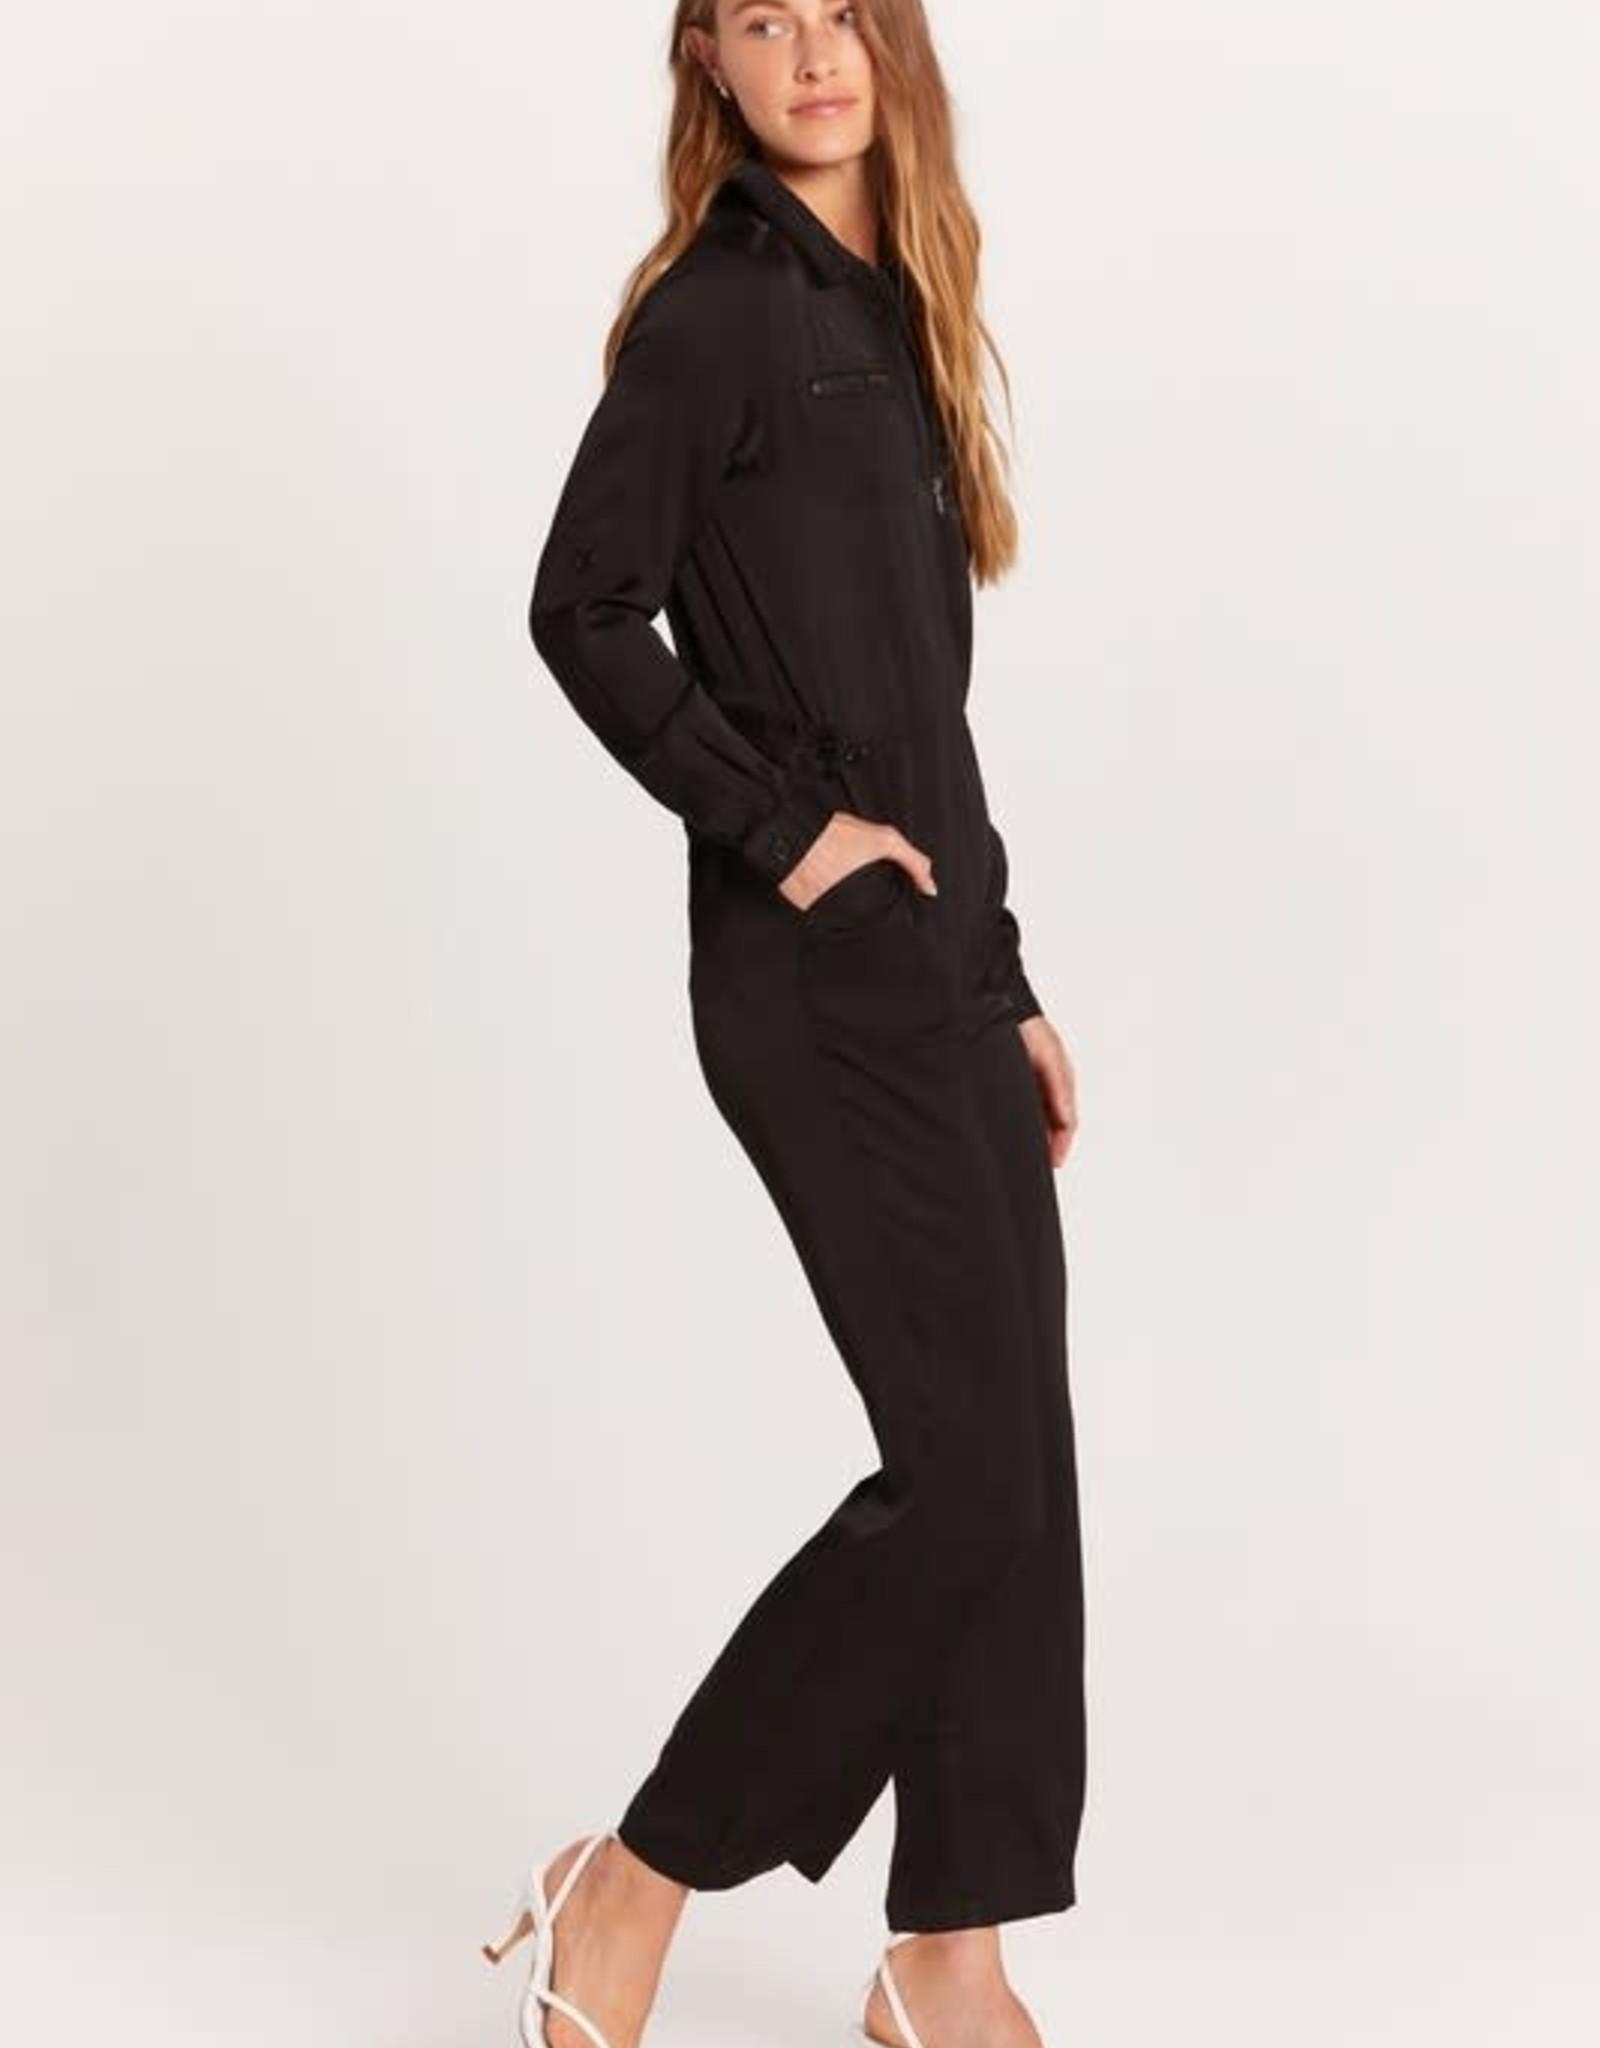 Olivaceous Black Satin Zip Front Jumpsuit